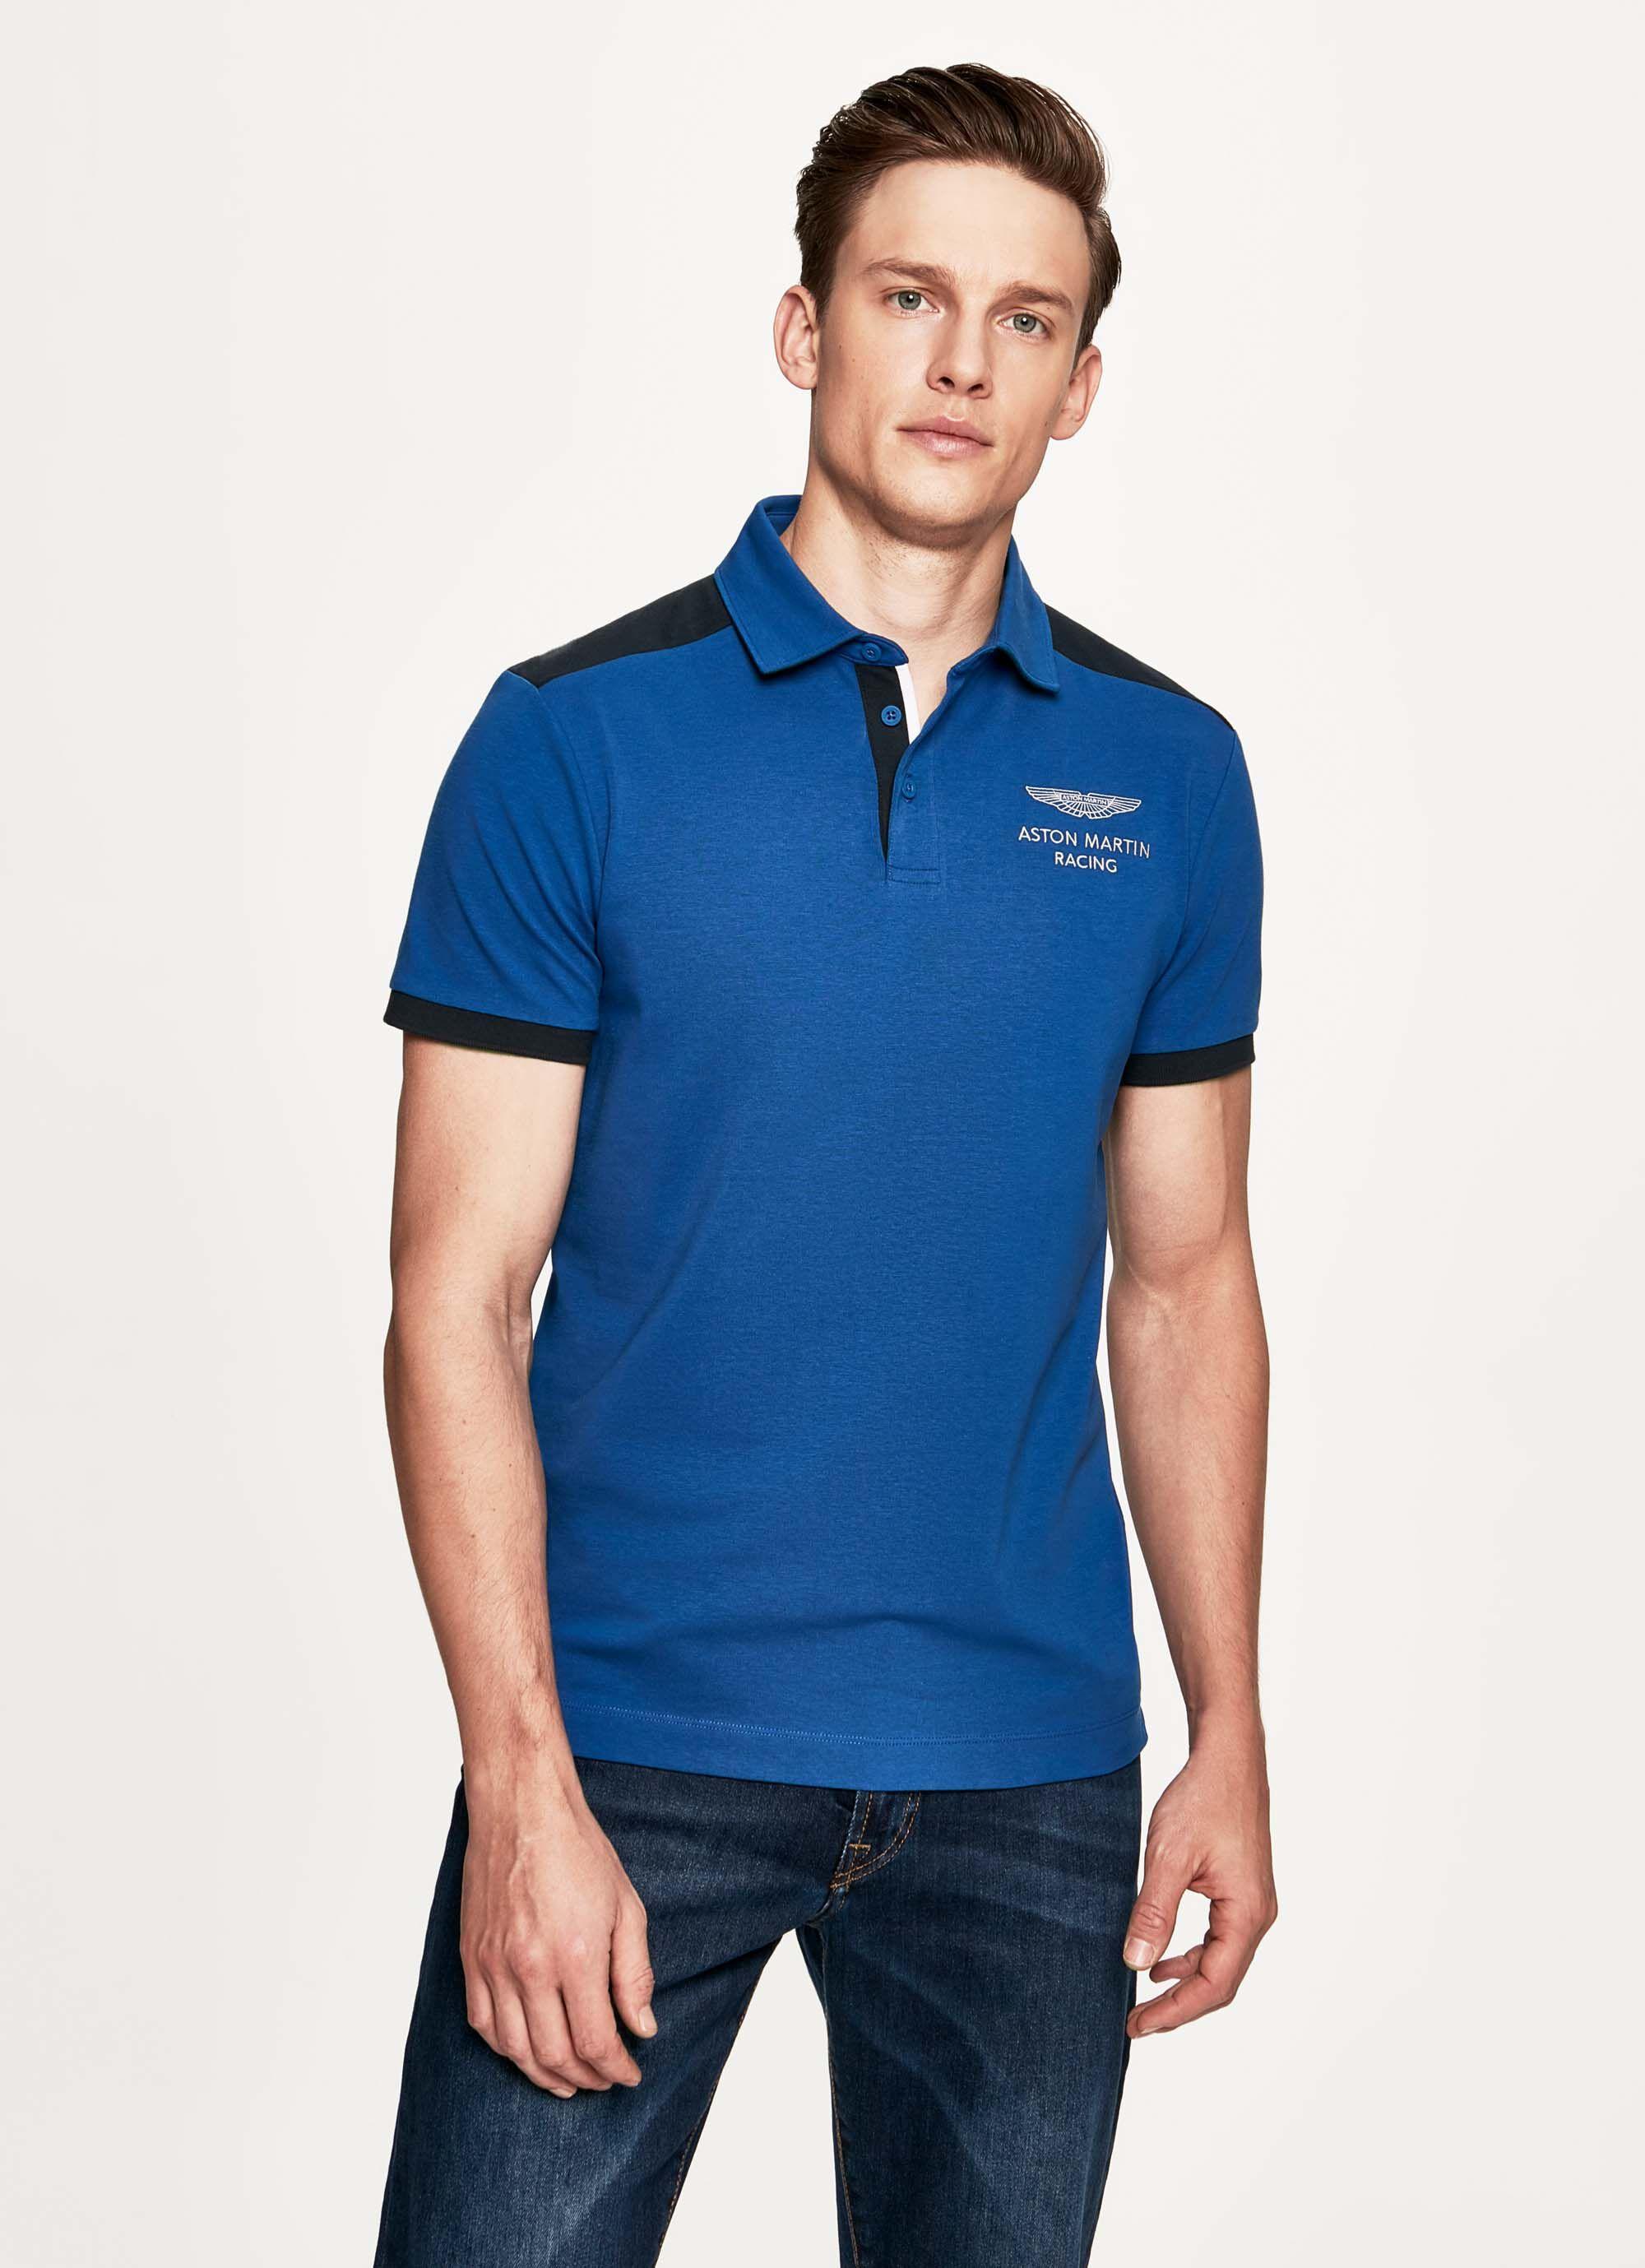 aston martin racing men's short-sleeve polo cotton shirt | small | middle blue